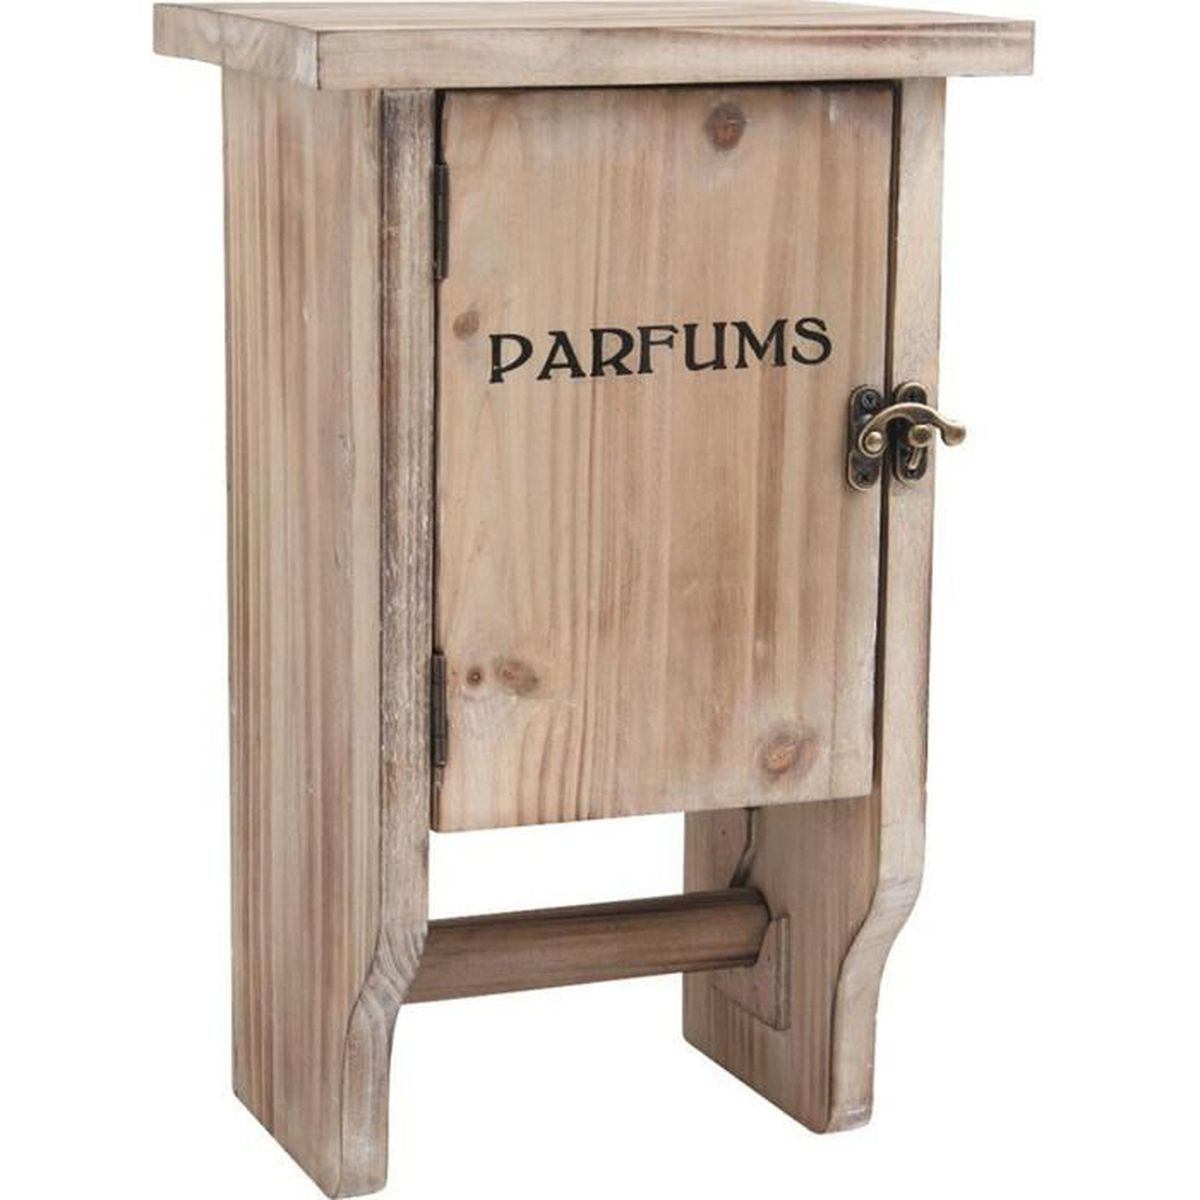 Petite armoire en bois avec d rouleur papier wc 20 x 36 x for Petite armoire de rangement en bois